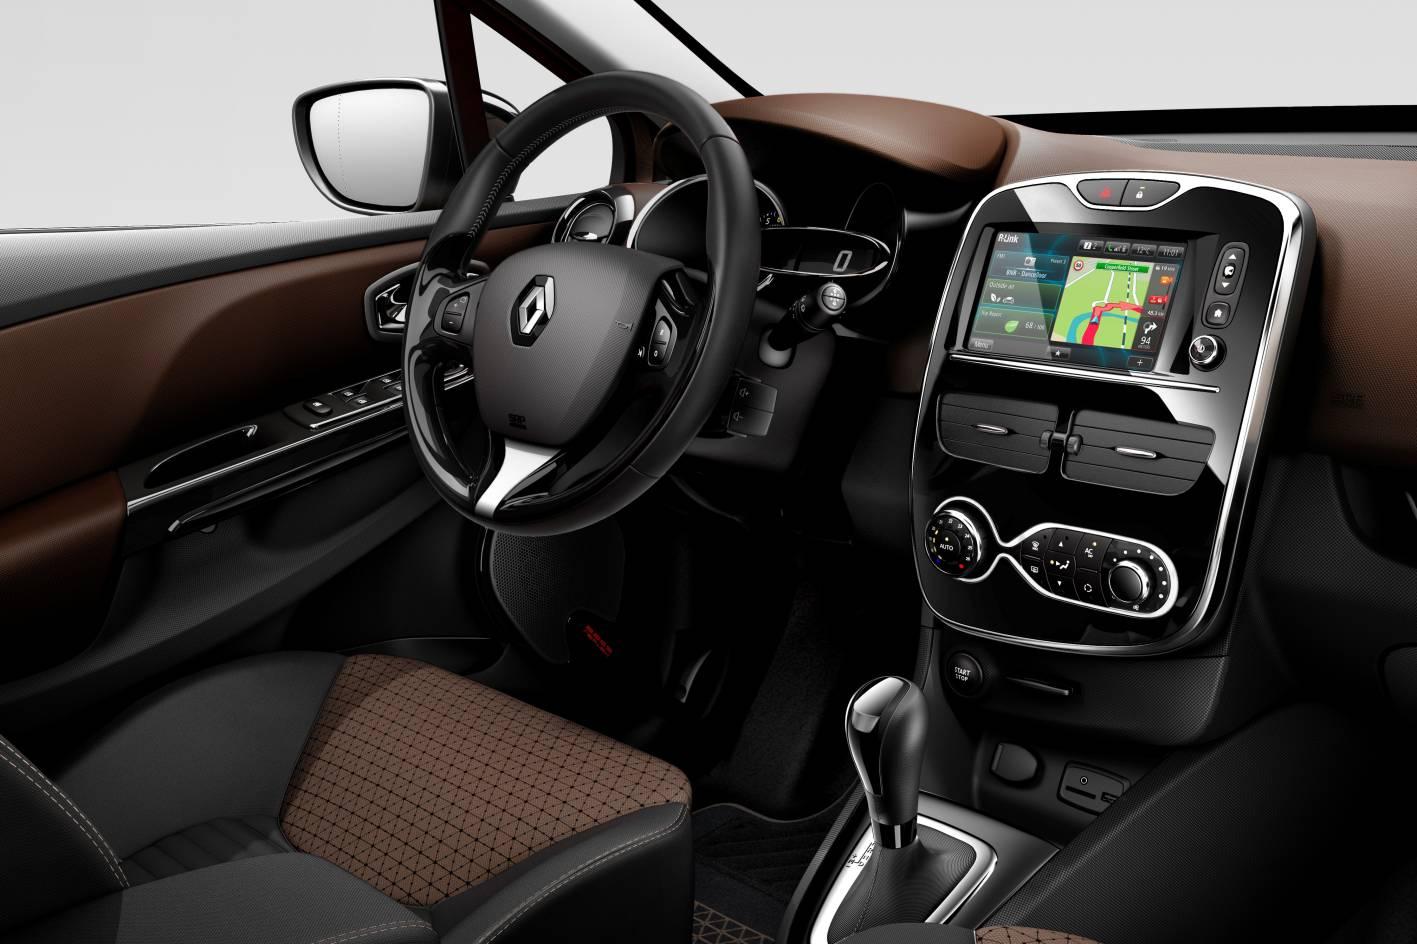 2012 Renault Clio 4 Interior 5 Forcegt Com